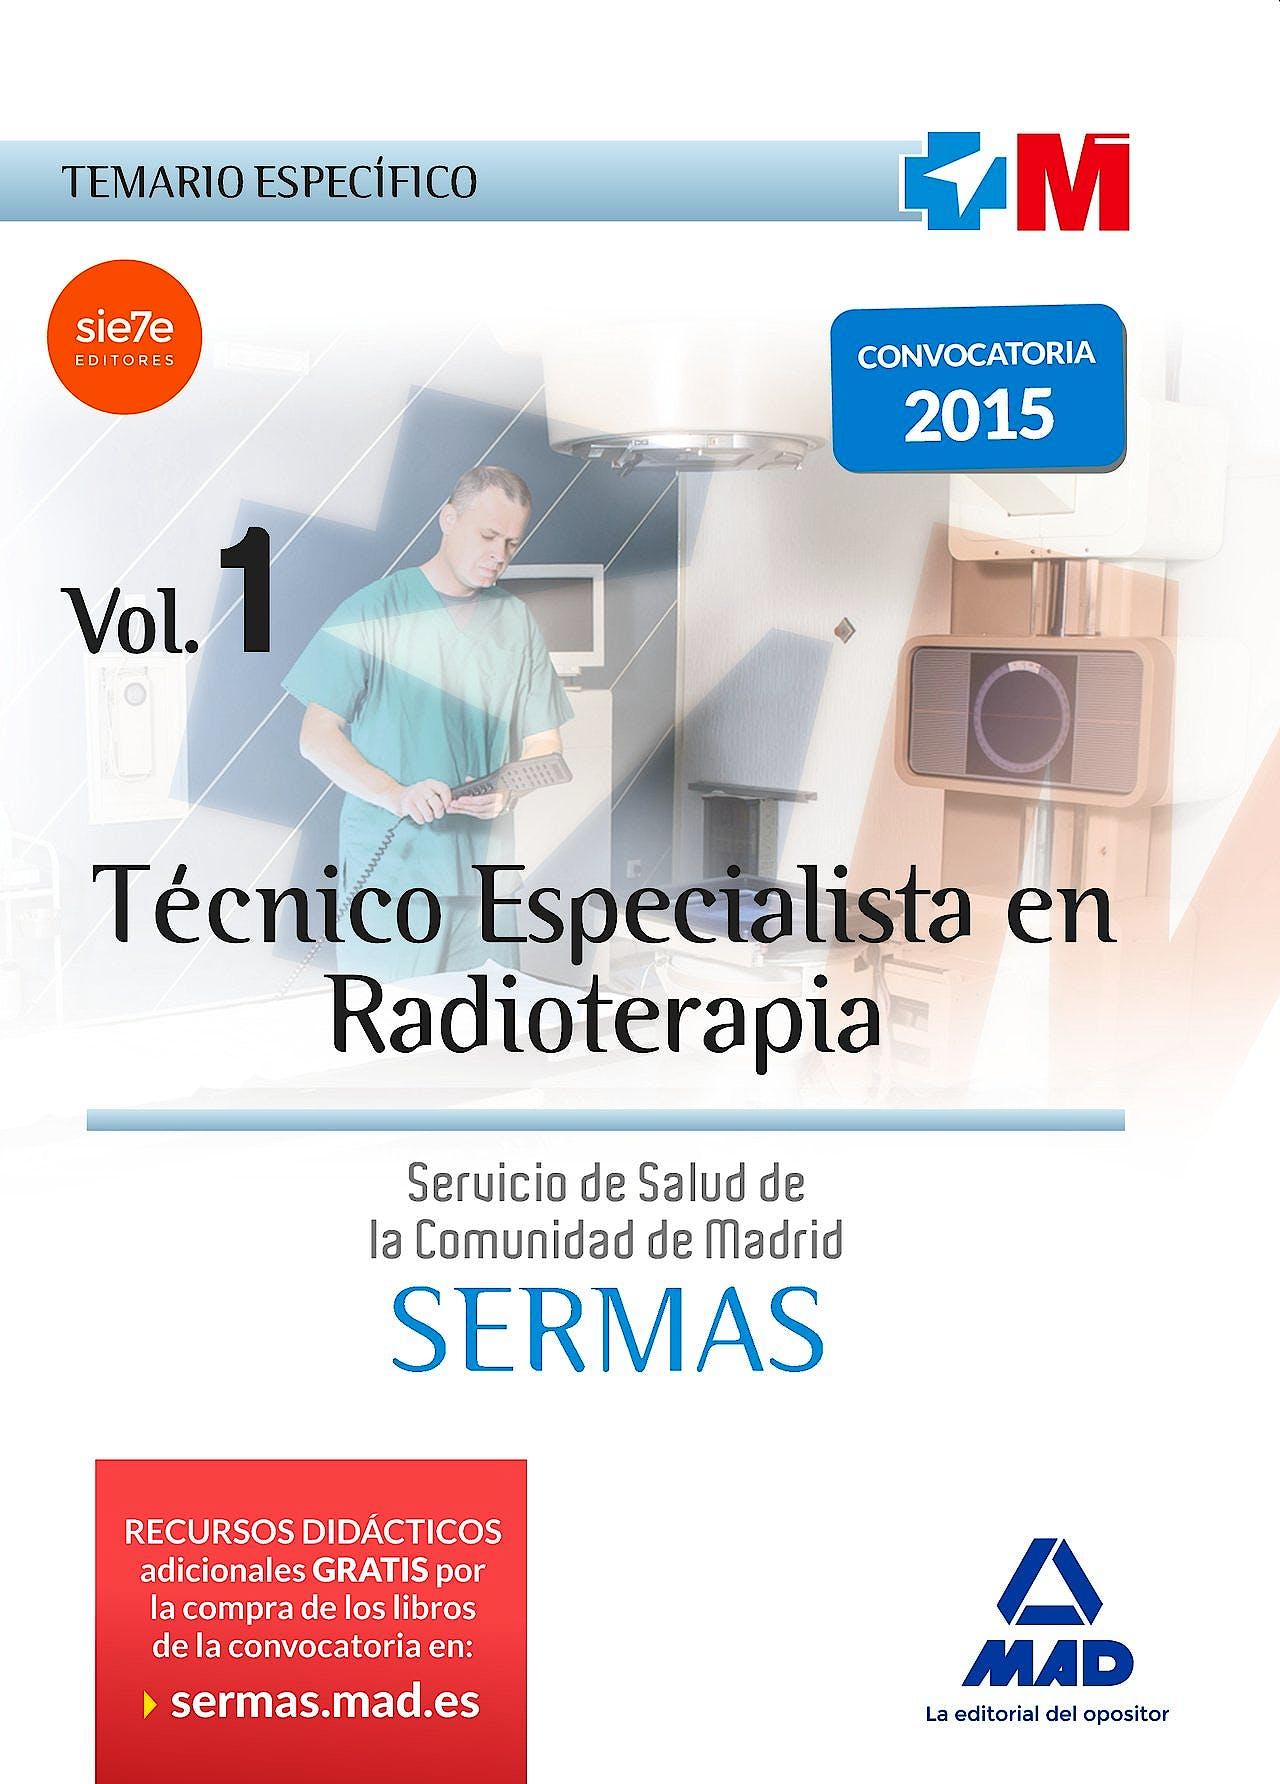 Portada del libro 9788467674477 Tecnico Especialista en Radioterapia del Servicio de Salud de la Comunidad de Madrid (Sermas). Temario Especifico, Vol. 1